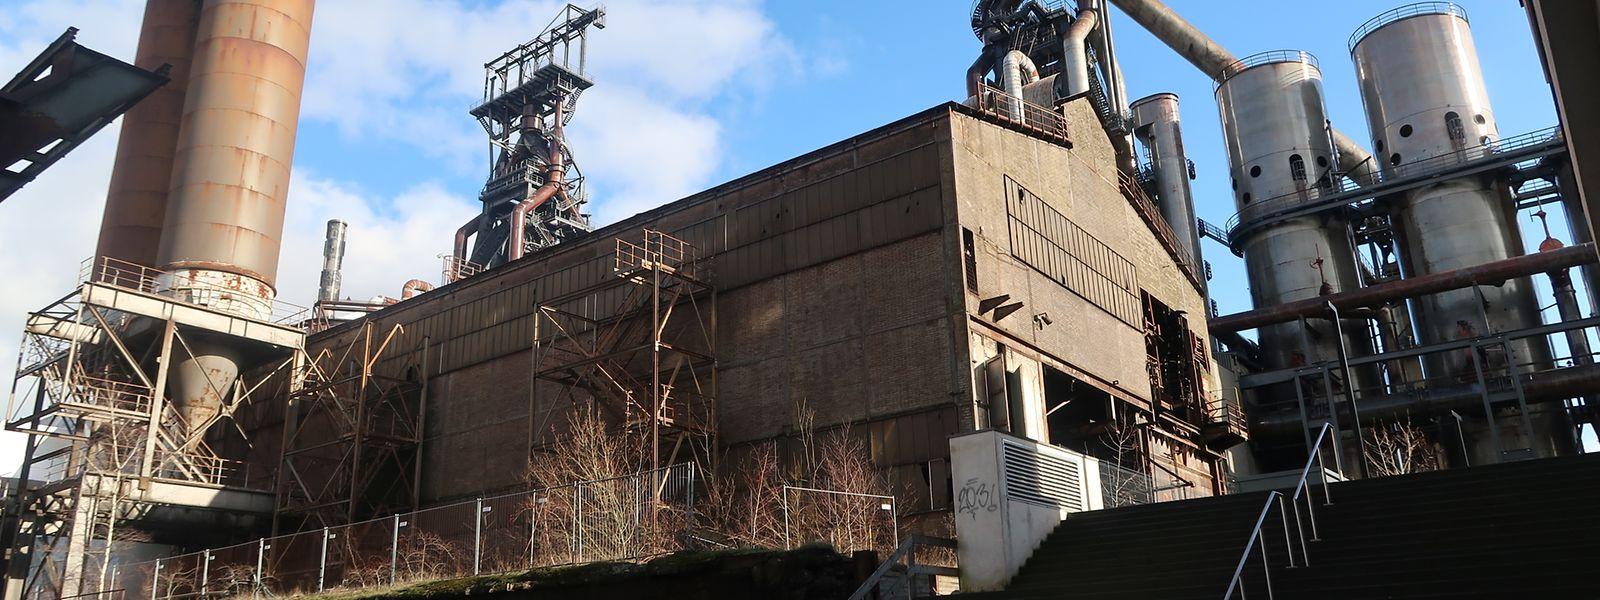 """Im noch nicht renovierten Teil der ehemaligen Möllerei soll ein """"Digital Space"""" entstehen. Doch die Zeit drängt. Beginnen wird das Kulturjahr am 22. Februar 2022."""